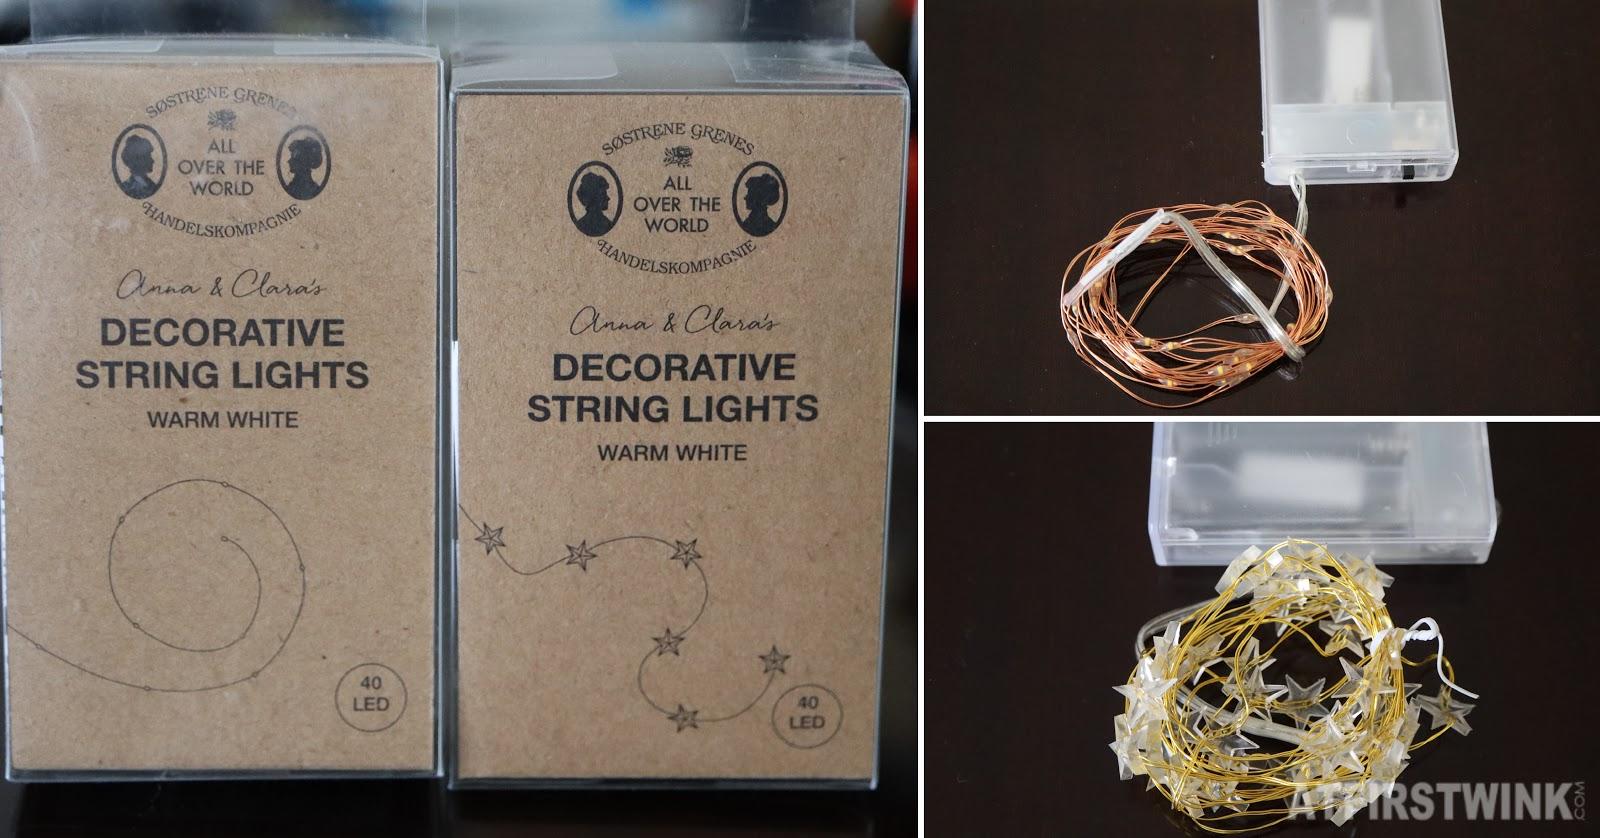 Søstrene grene decorative string lights star gold rose gold LED warm white light